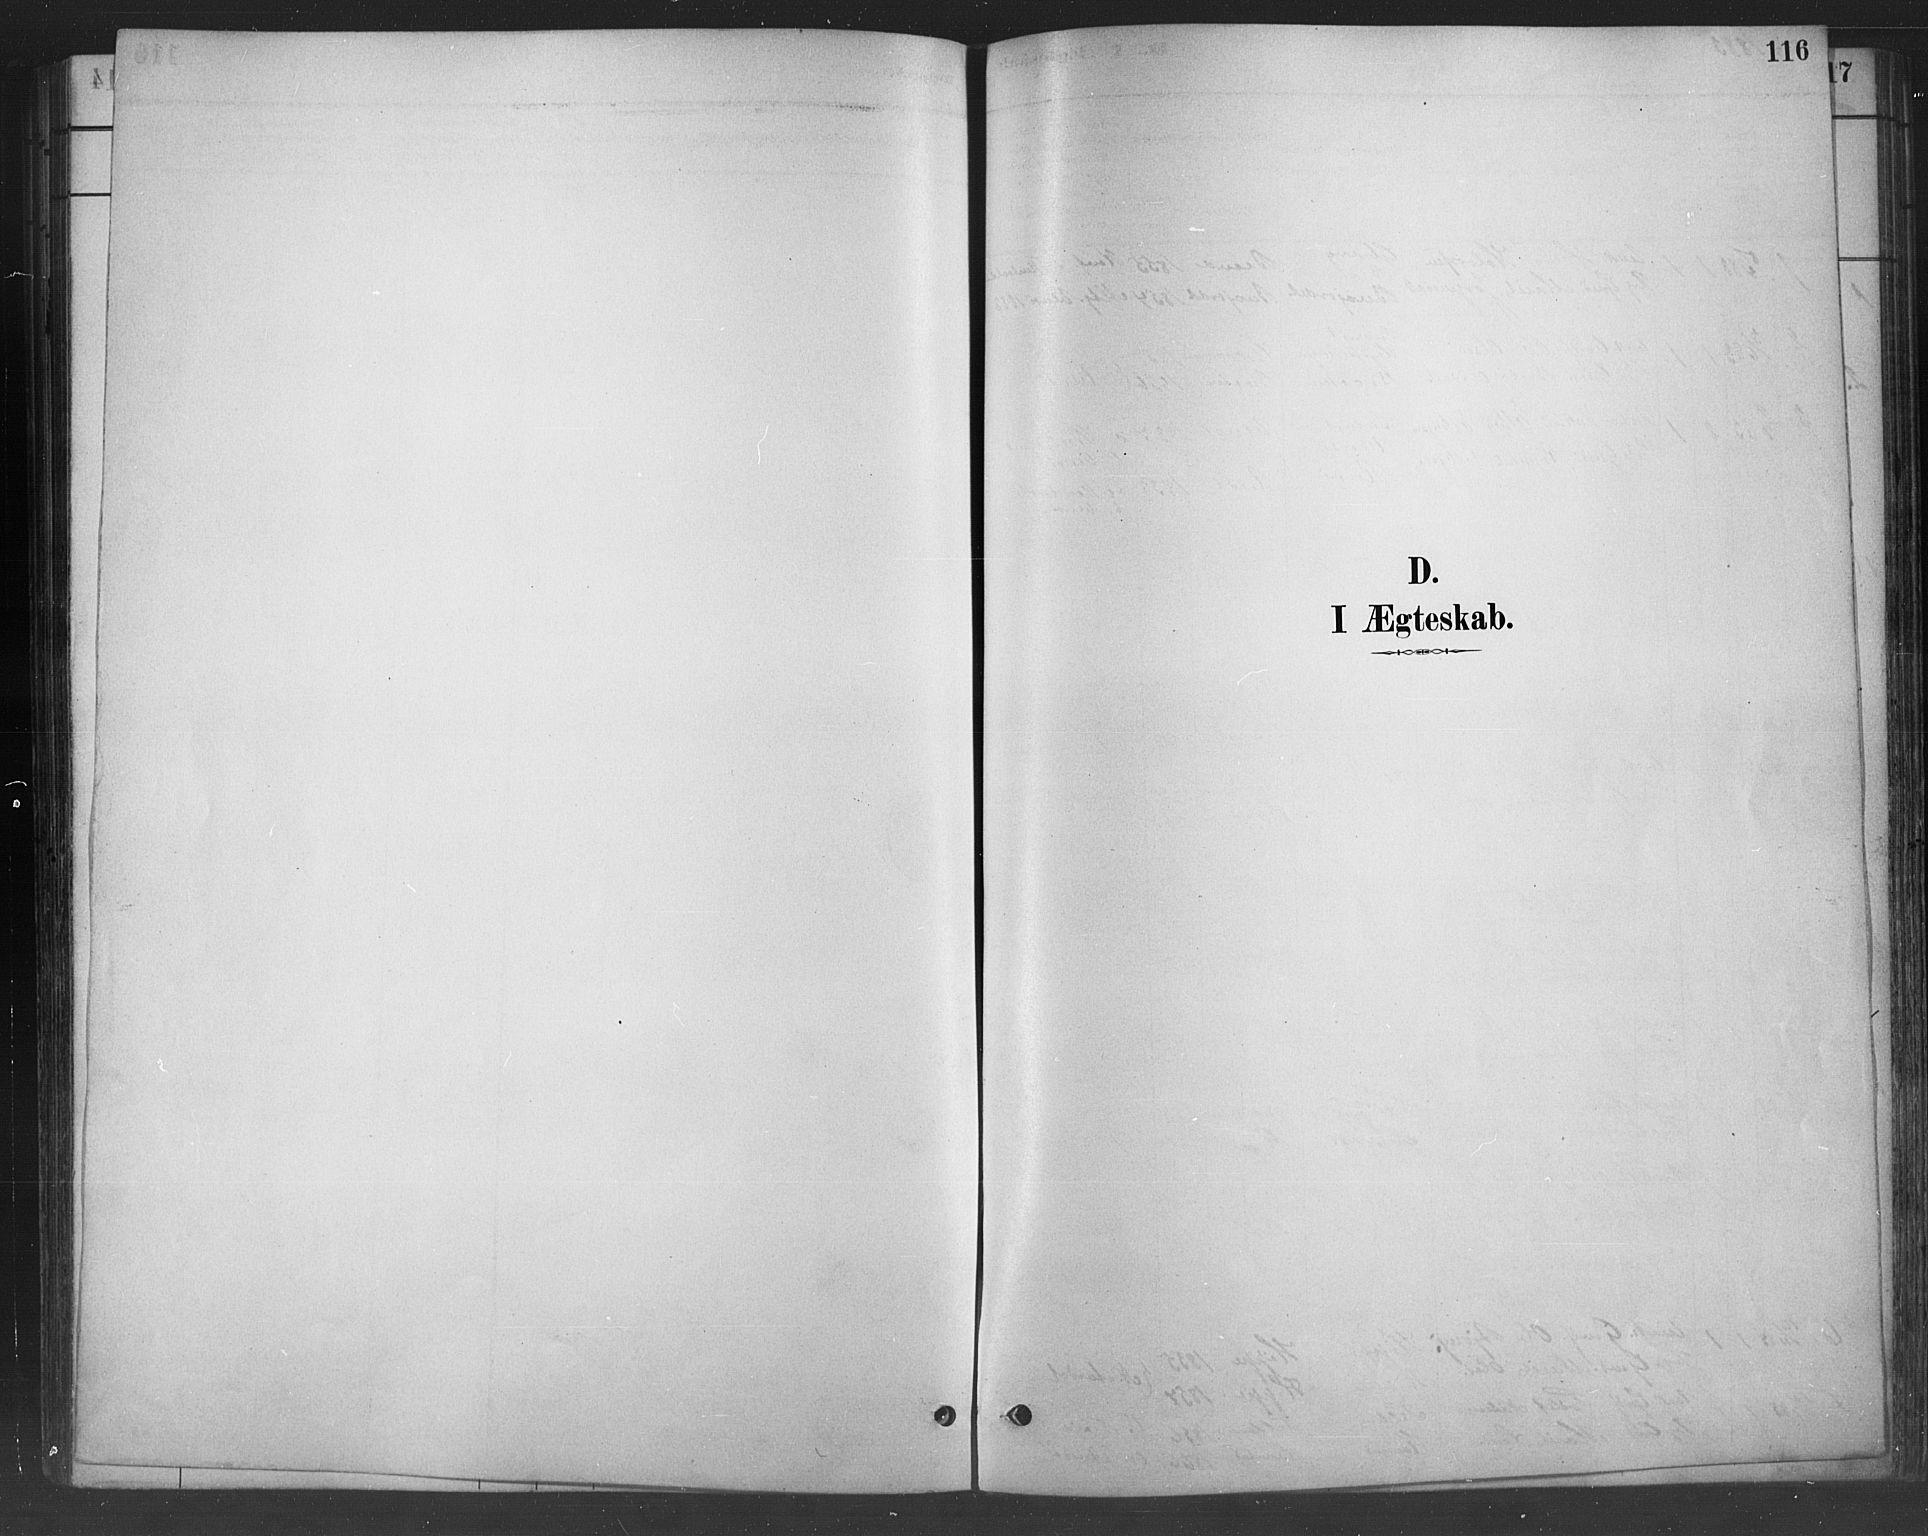 SAH, Nord-Aurdal prestekontor, Klokkerbok nr. 8, 1883-1916, s. 116